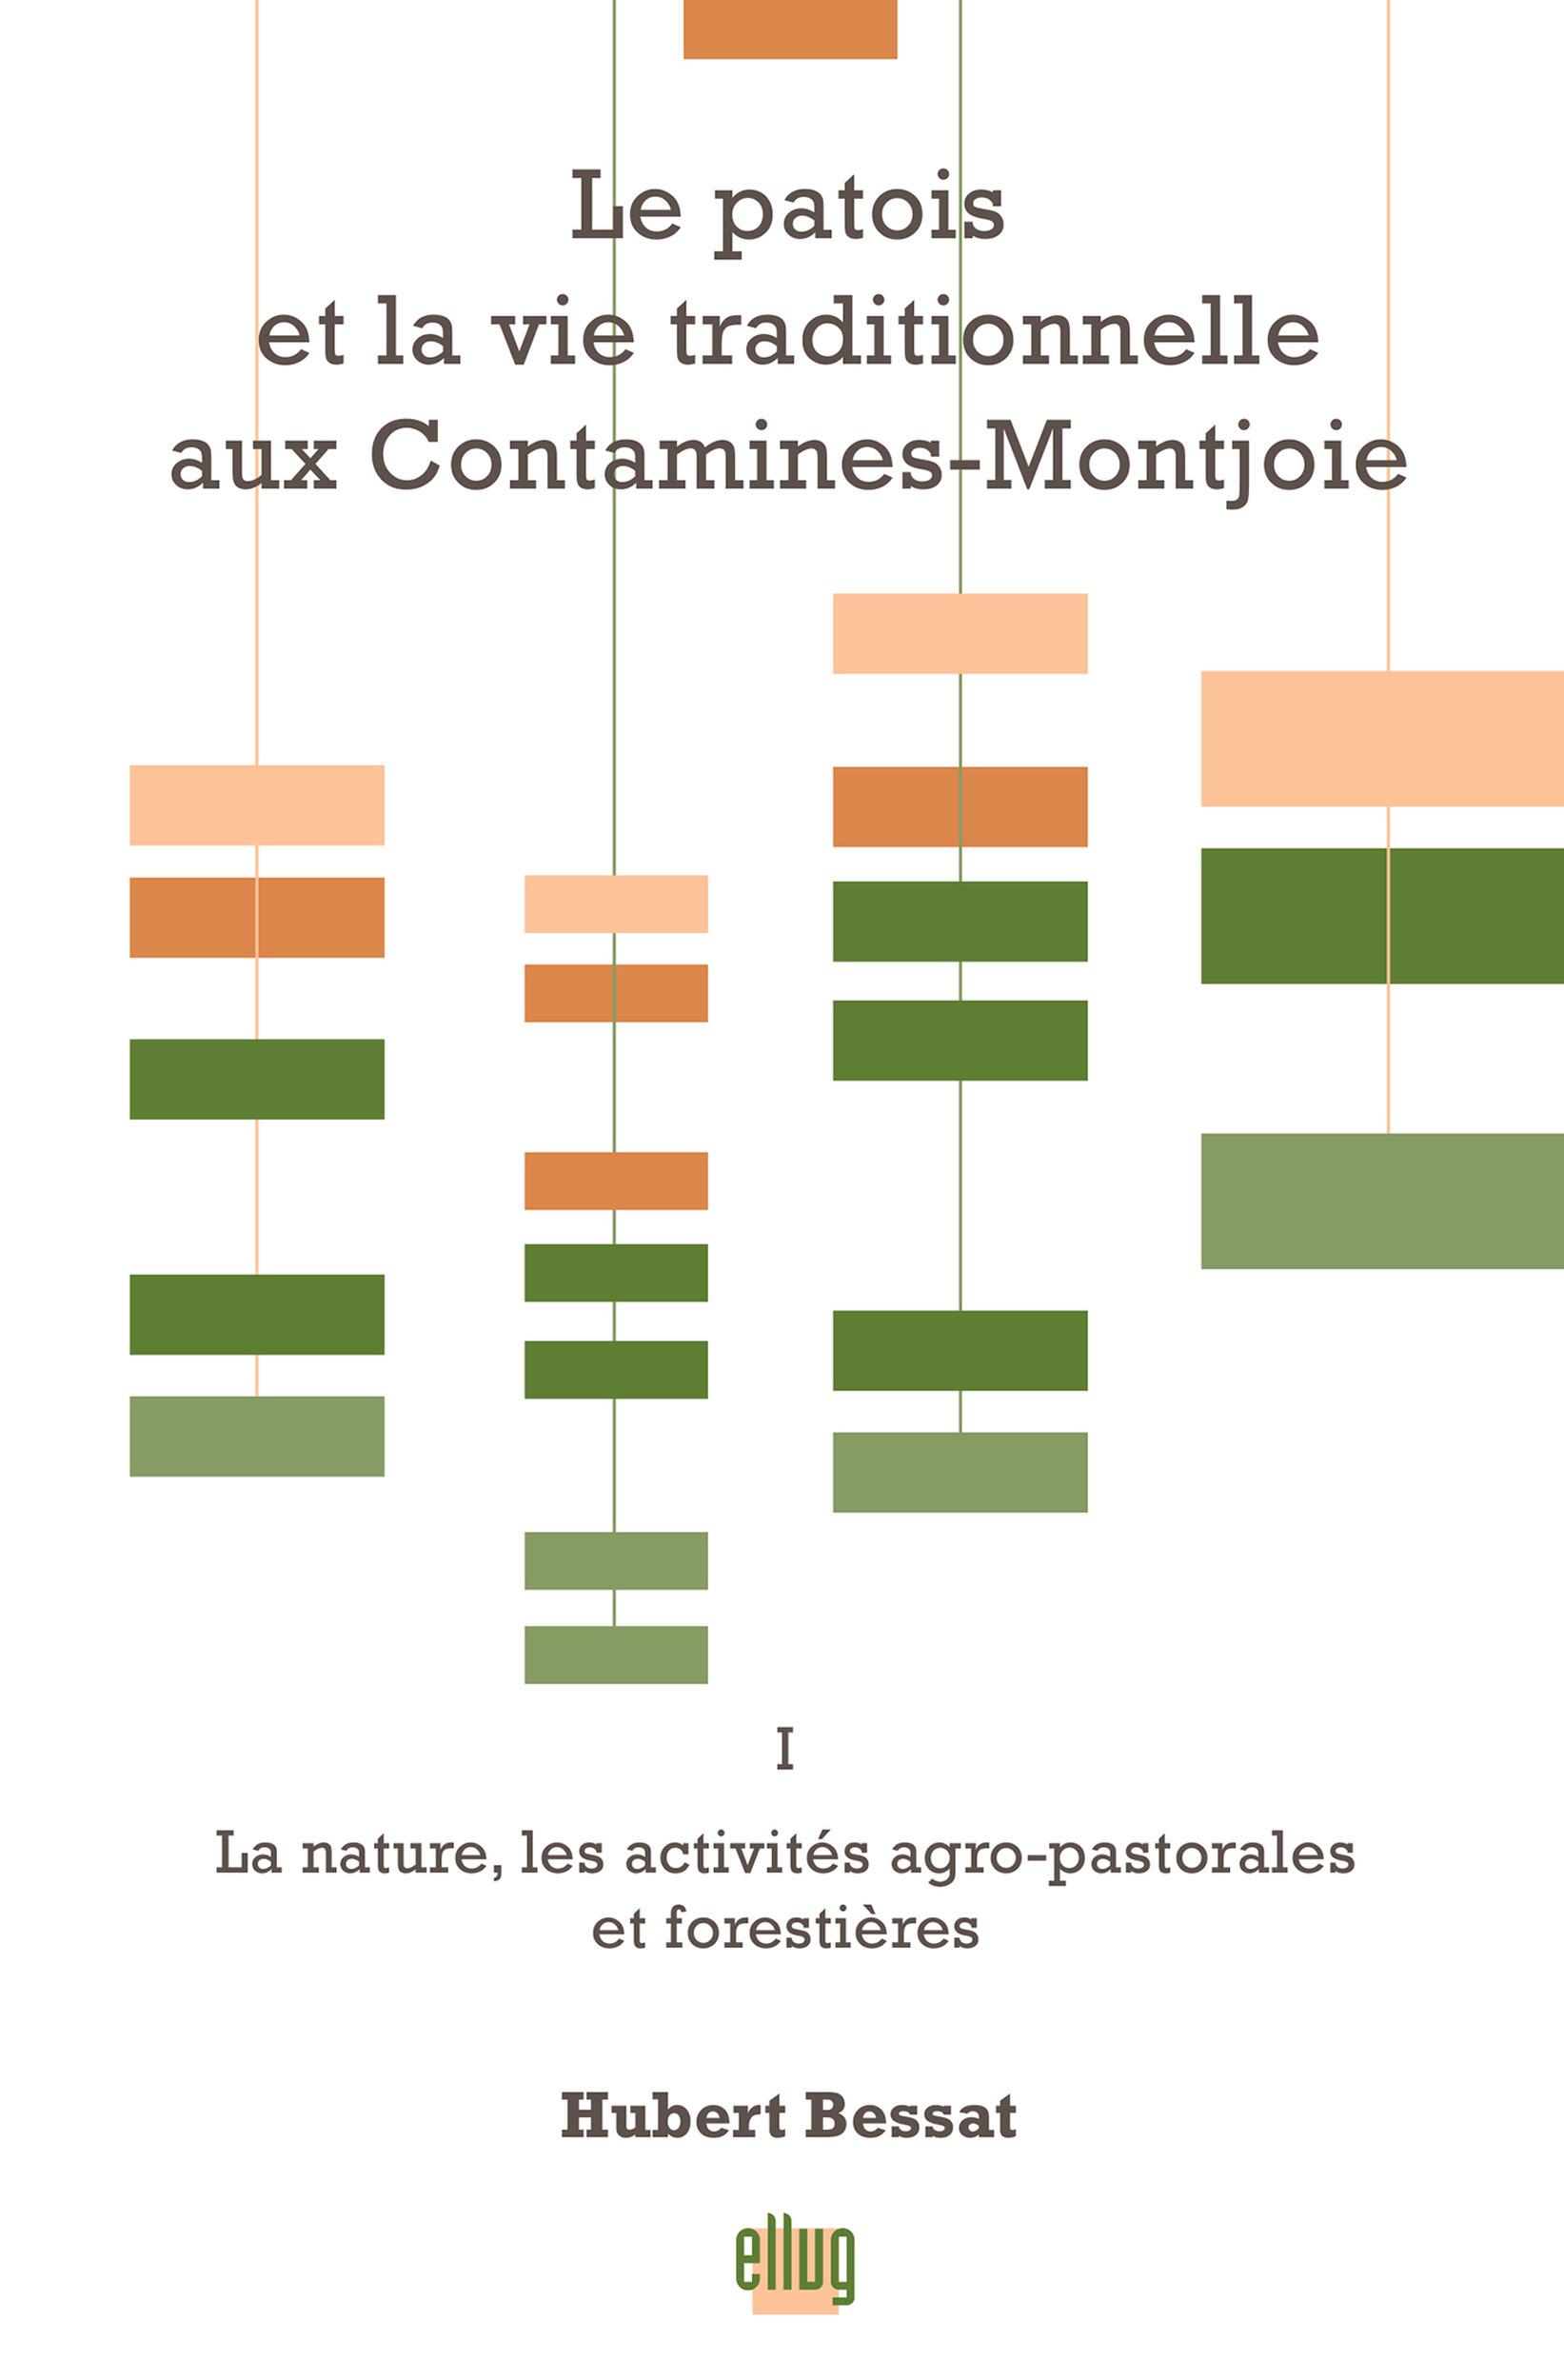 Le patois et la vie traditionnelle aux Contamines-Montjoie t.1 ; la nature, les activités agro-pastorales et forestières